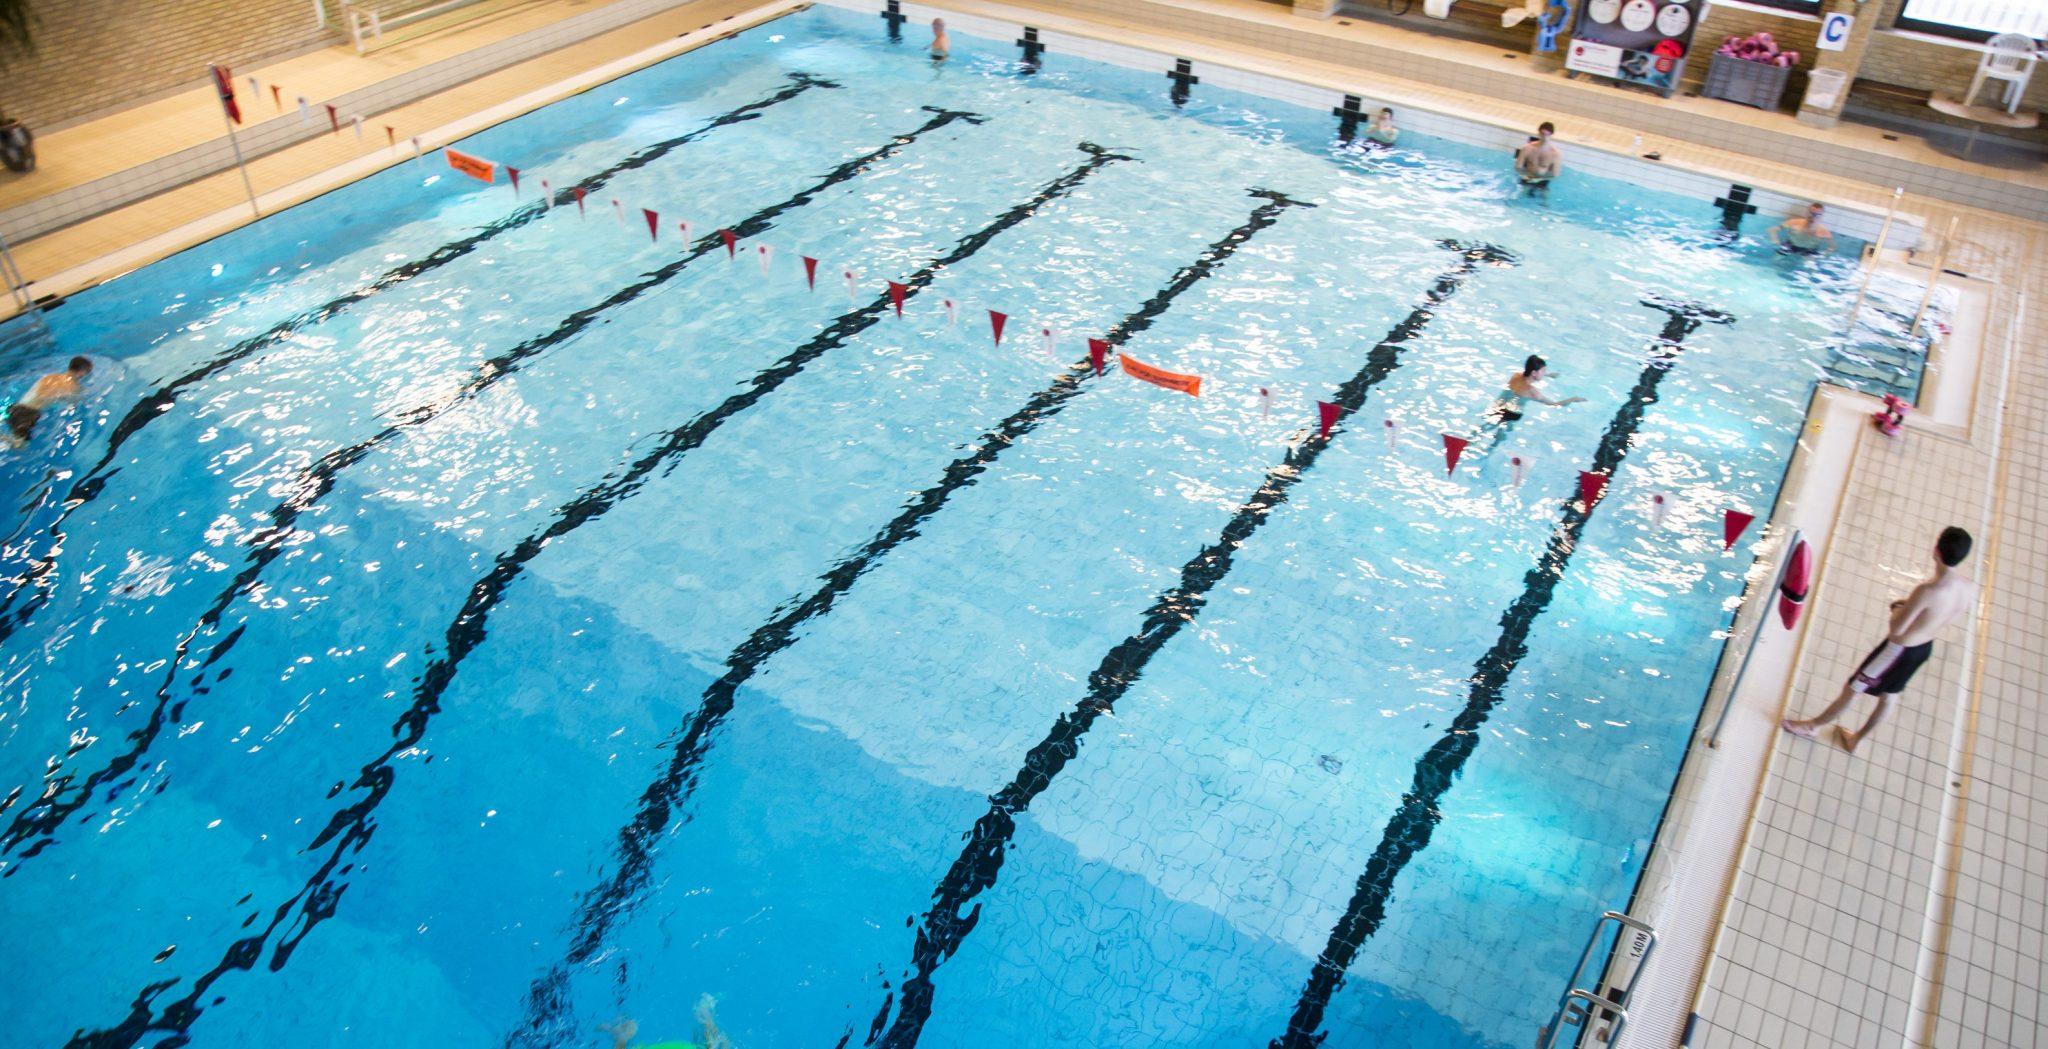 Humlehøj Swimming Hall